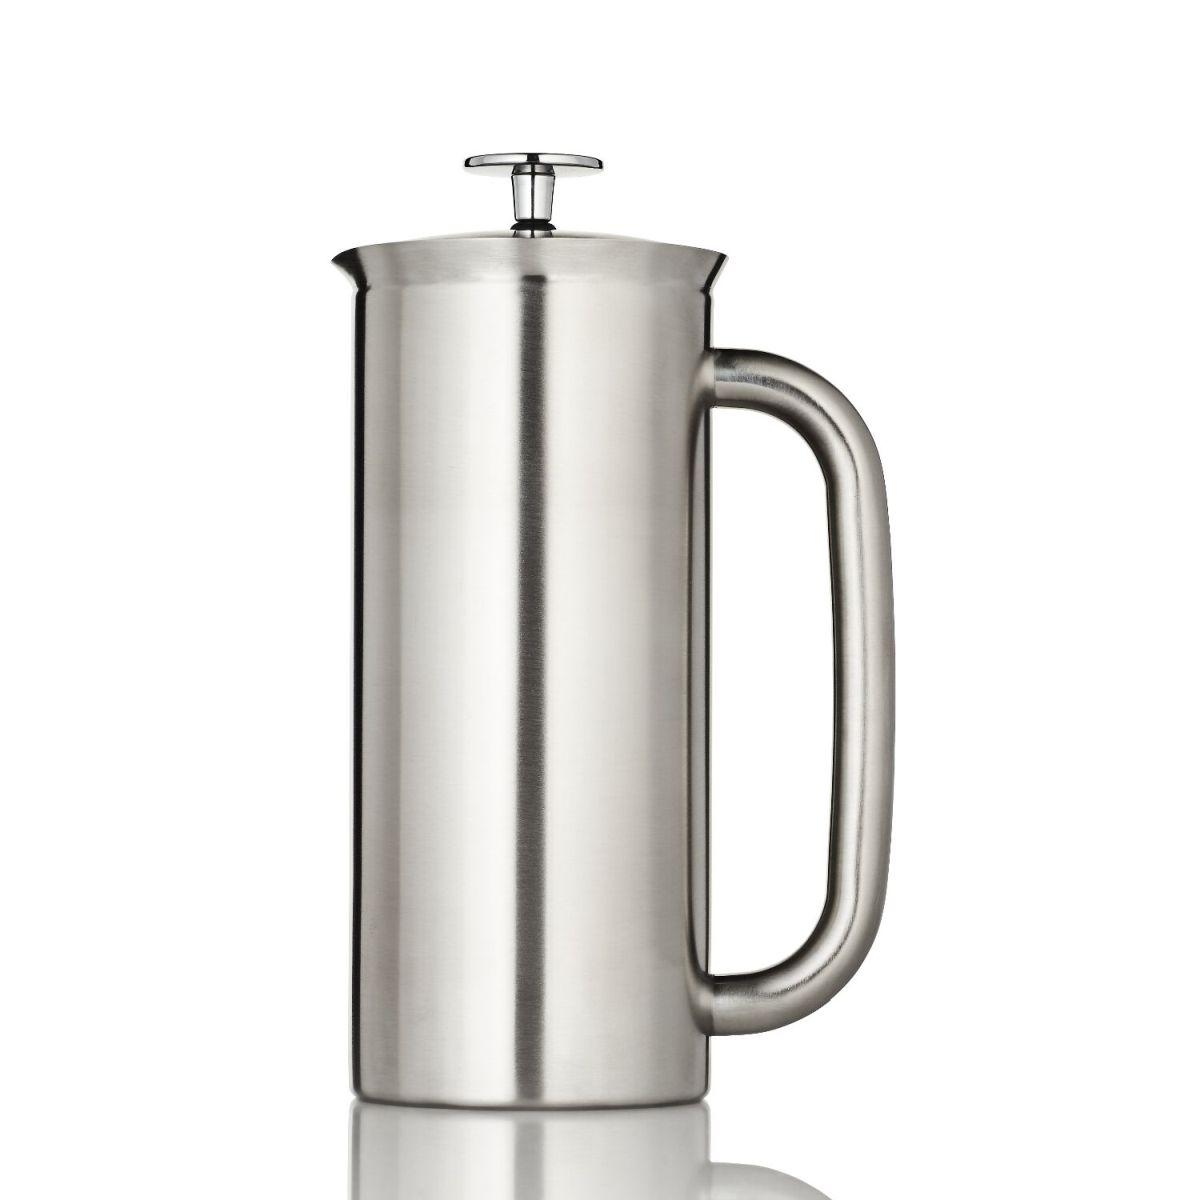 Espro P7 Press Kaffeezubereiter 950 mL Edelstahl matt